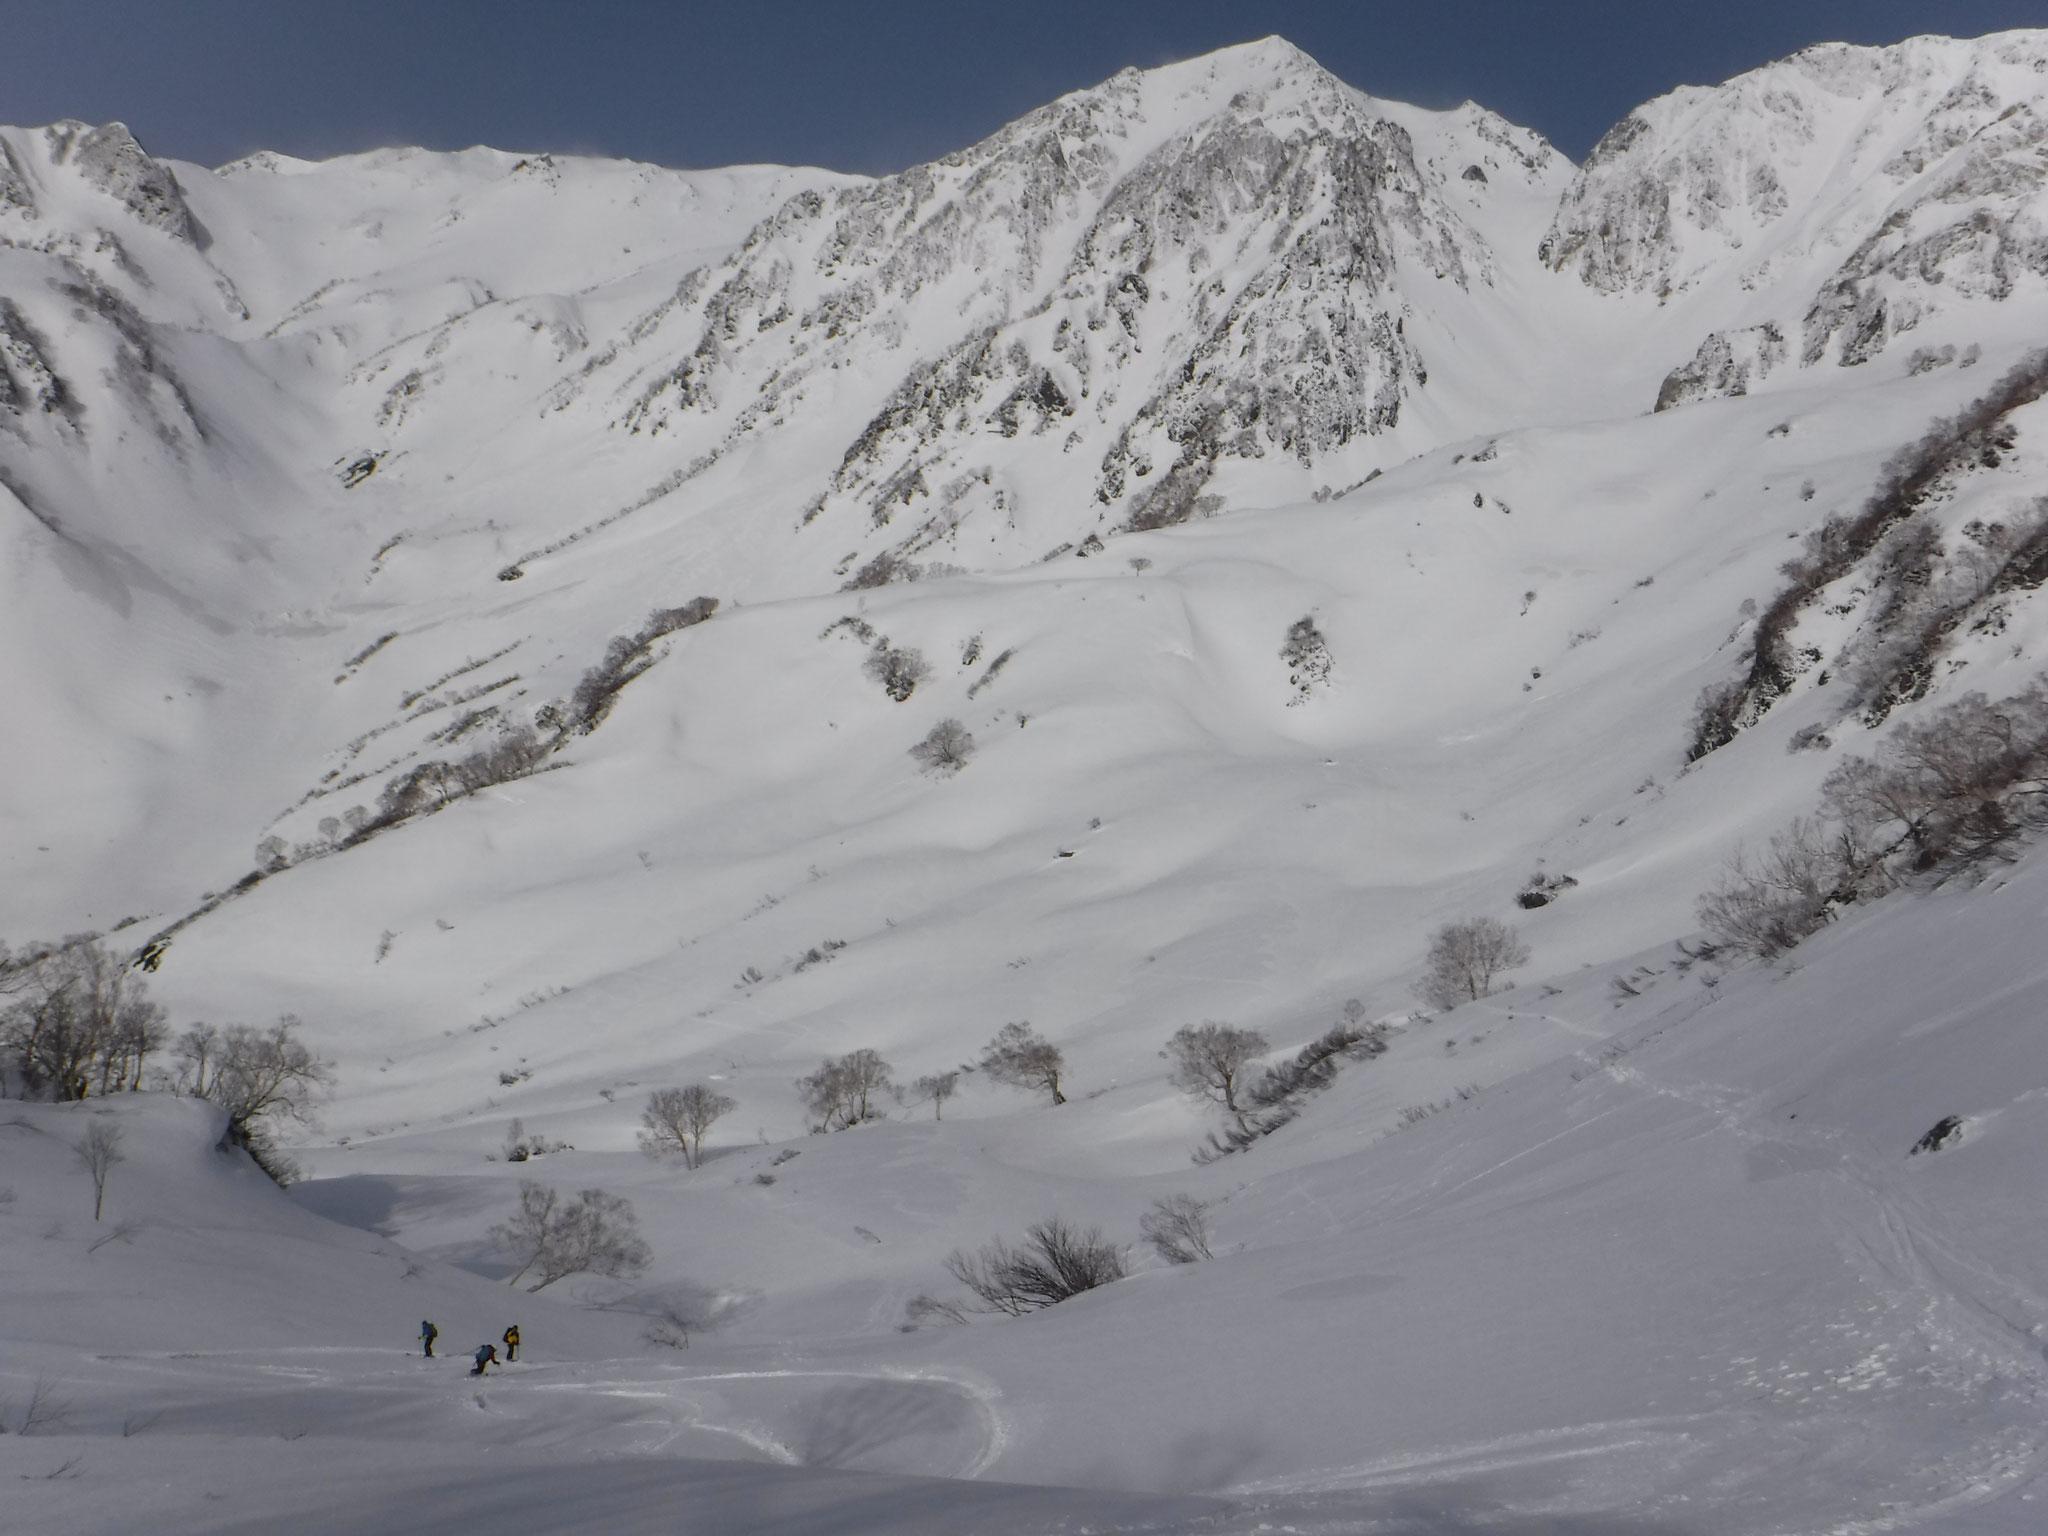 新雪に覆われた上部